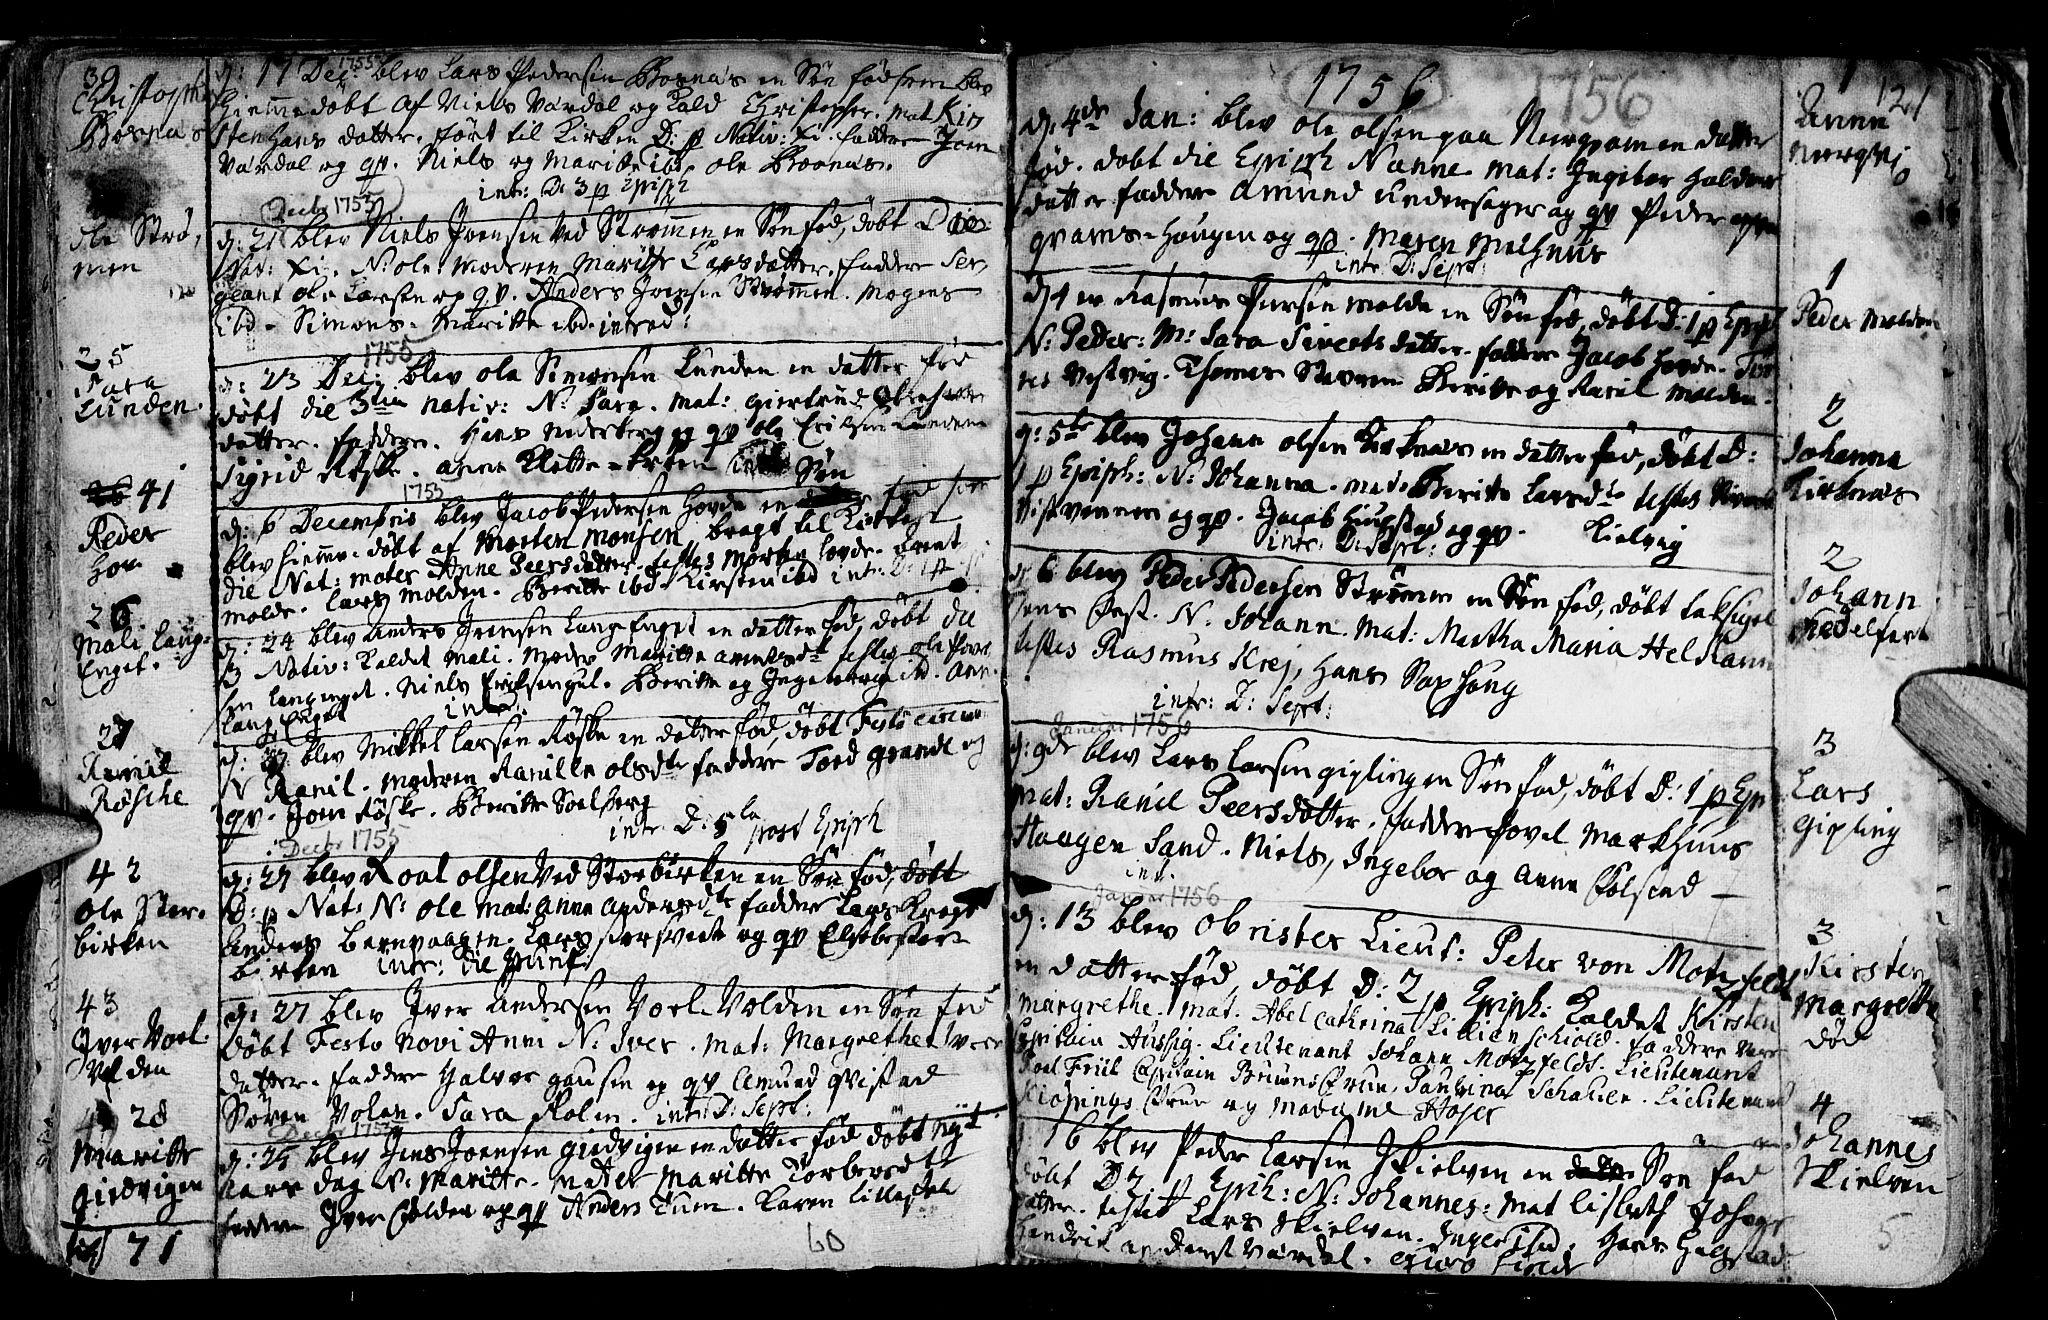 SAT, Ministerialprotokoller, klokkerbøker og fødselsregistre - Nord-Trøndelag, 730/L0272: Ministerialbok nr. 730A01, 1733-1764, s. 121